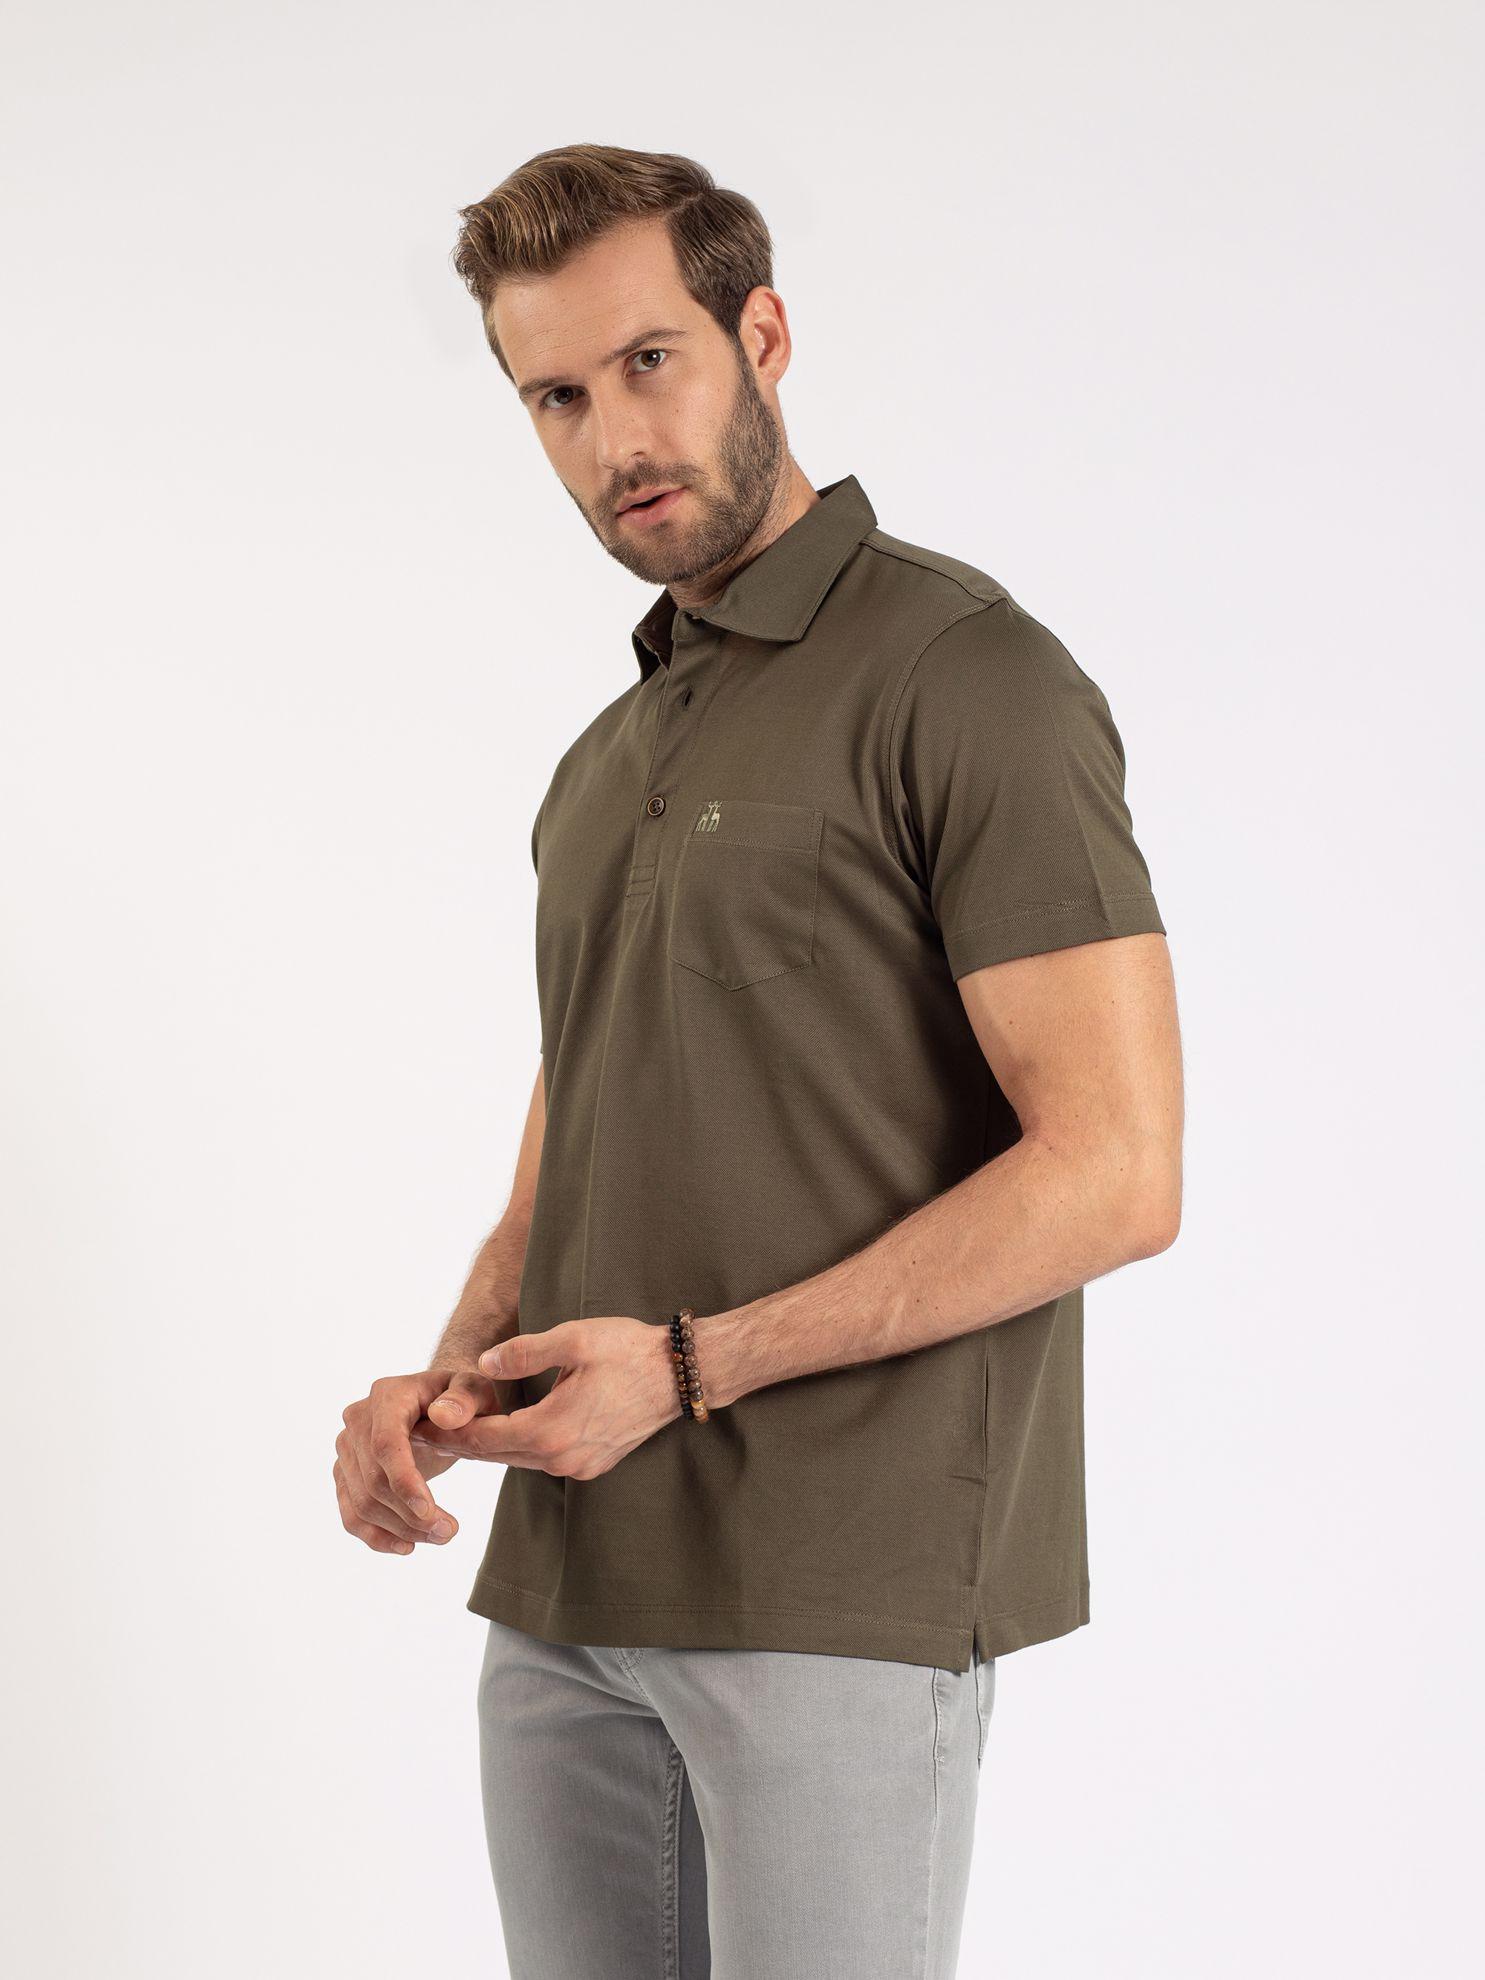 Karaca Erkek Regular Fıt Polo Yaka Tişört-Haki. ürün görseli